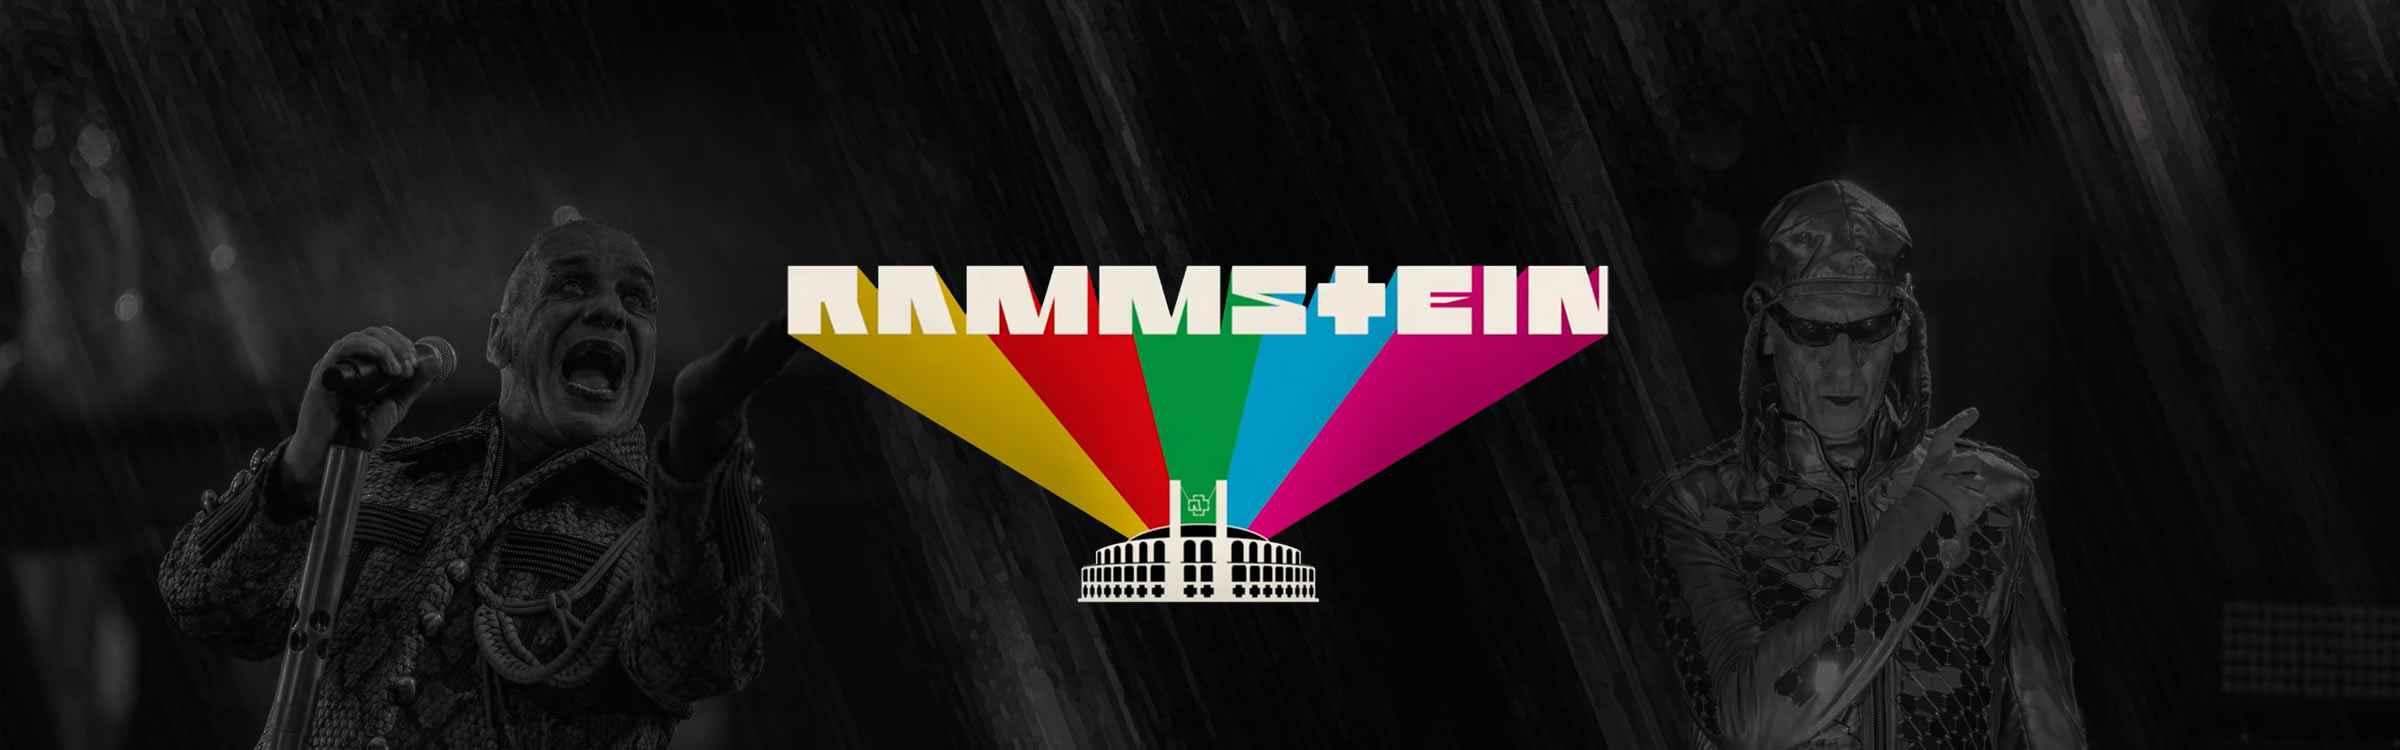 Rammstein tour 2017 deutschland